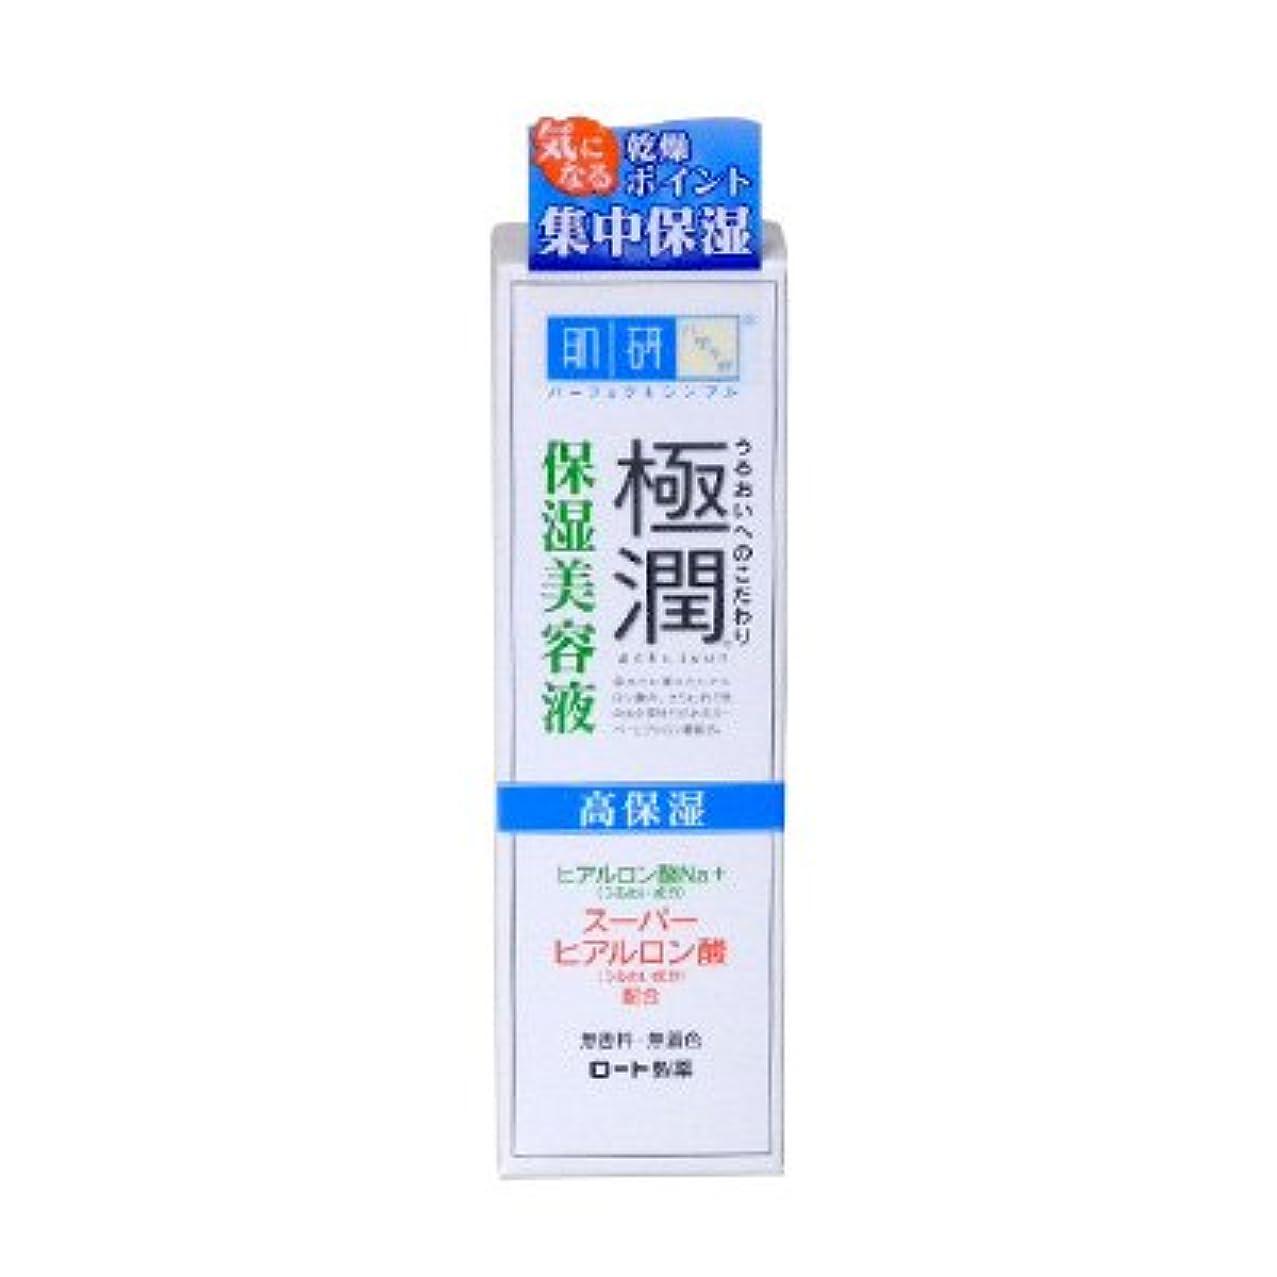 起きる耳インタラクションロート製薬 ハダラボ 極潤 保湿美容液 30g